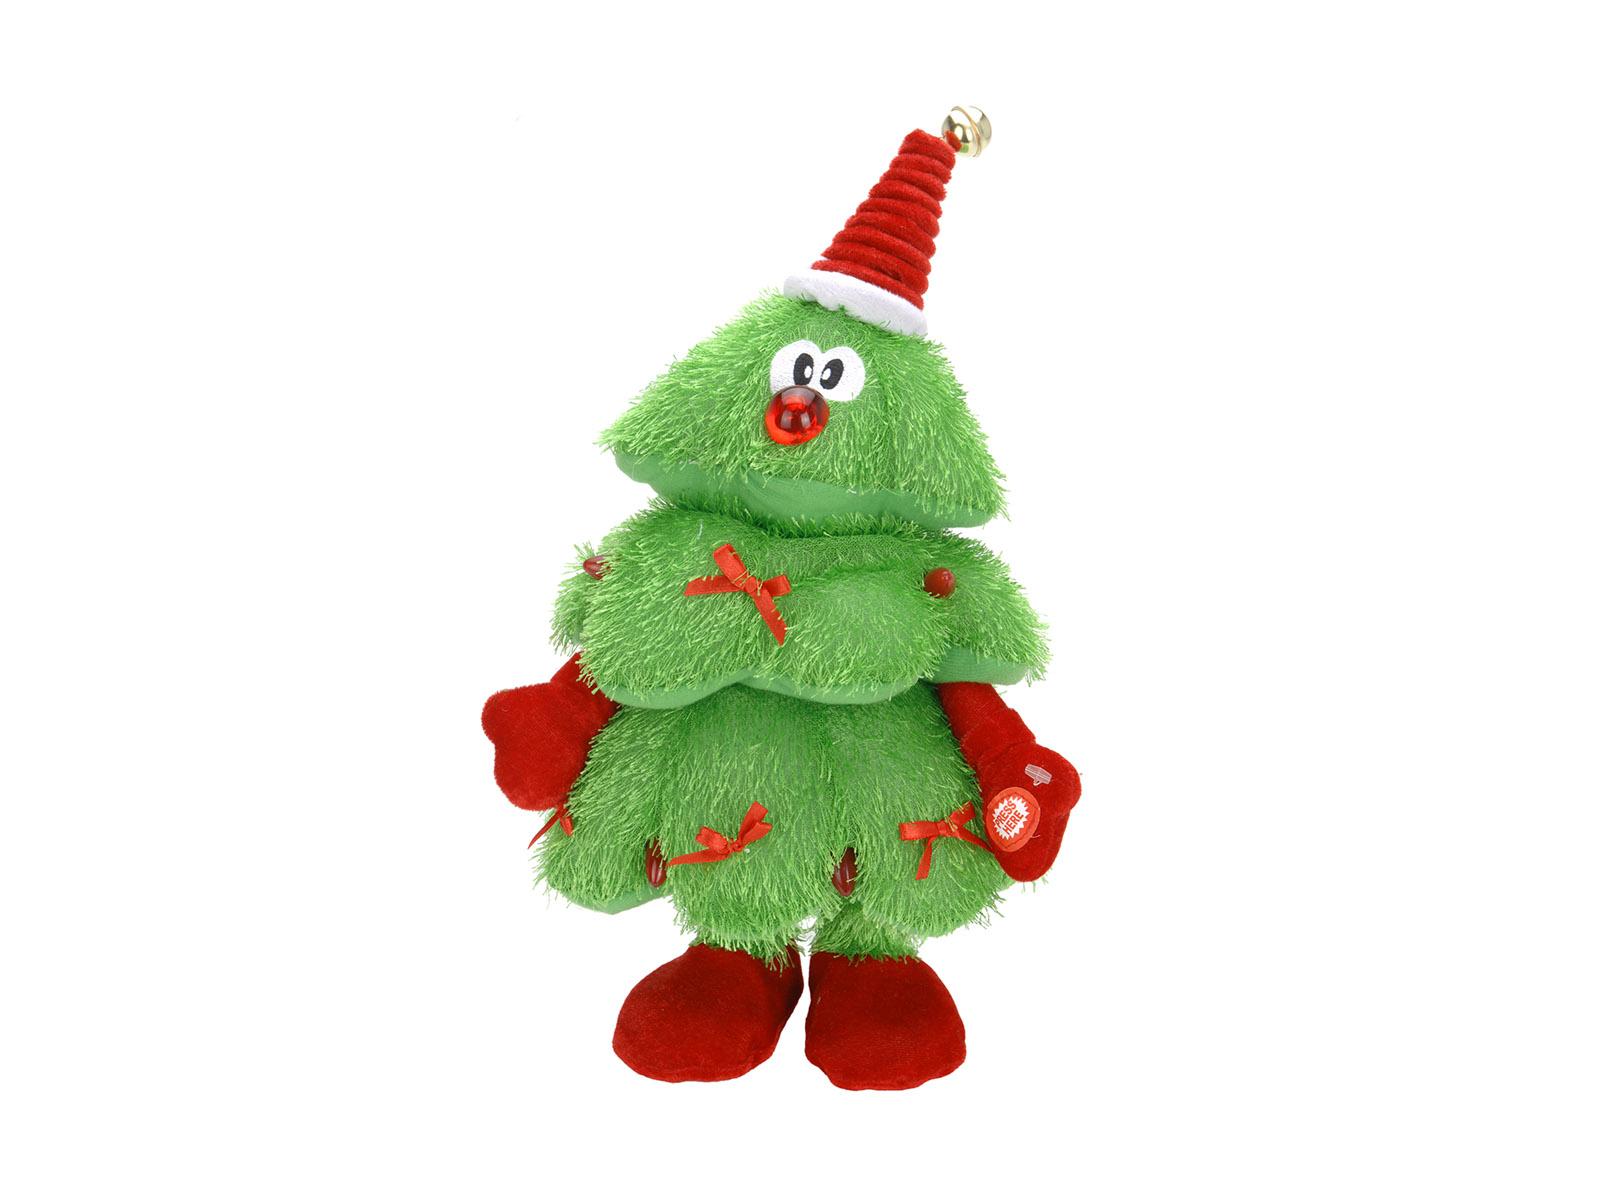 Игрушка Christmas TreeНовогодний декор<br>Музыкальная ёлка с подсветкой, работающая от батареек<br>